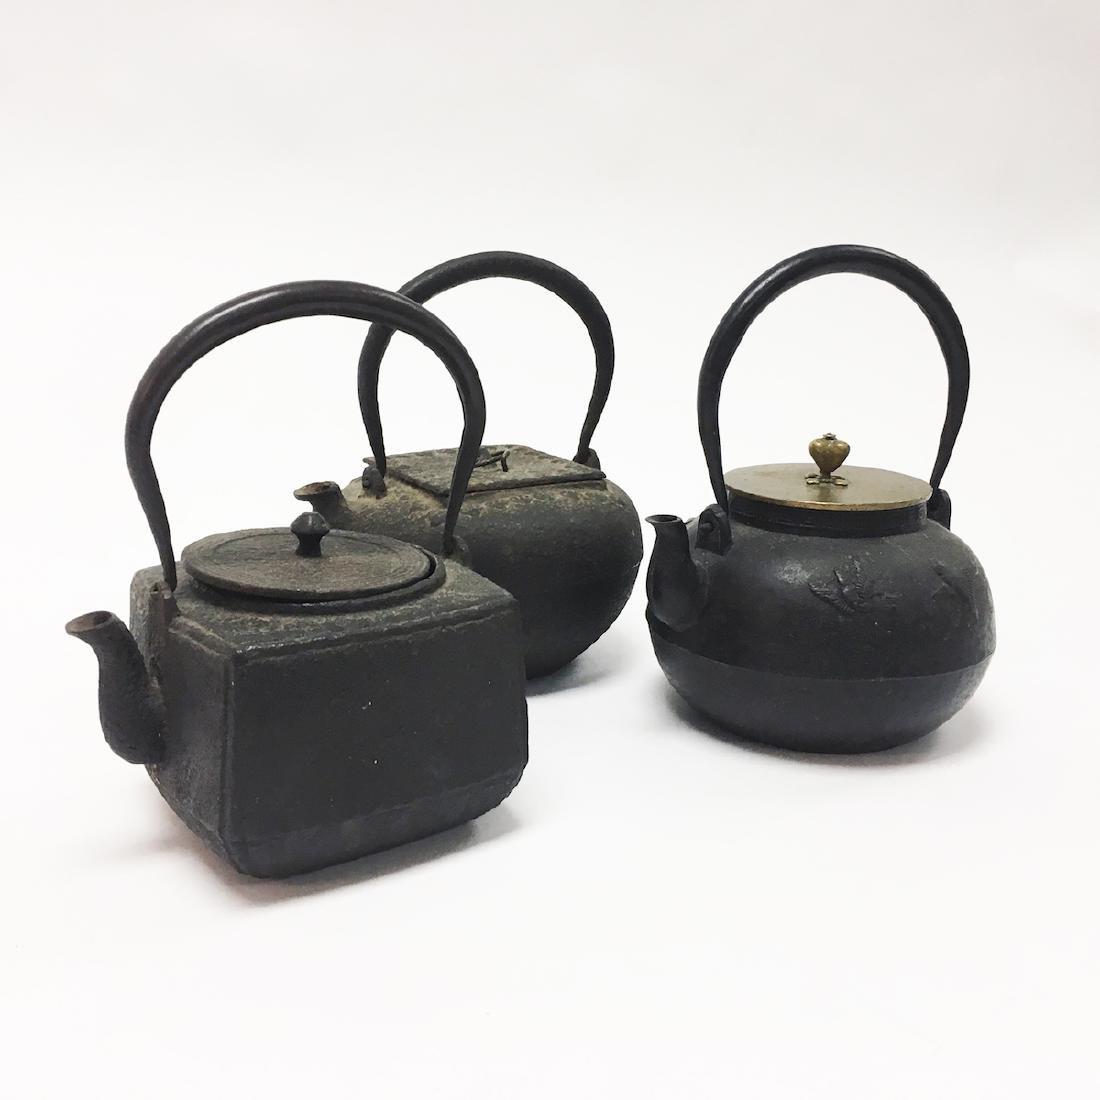 Three Asian Iron Teapots - 3